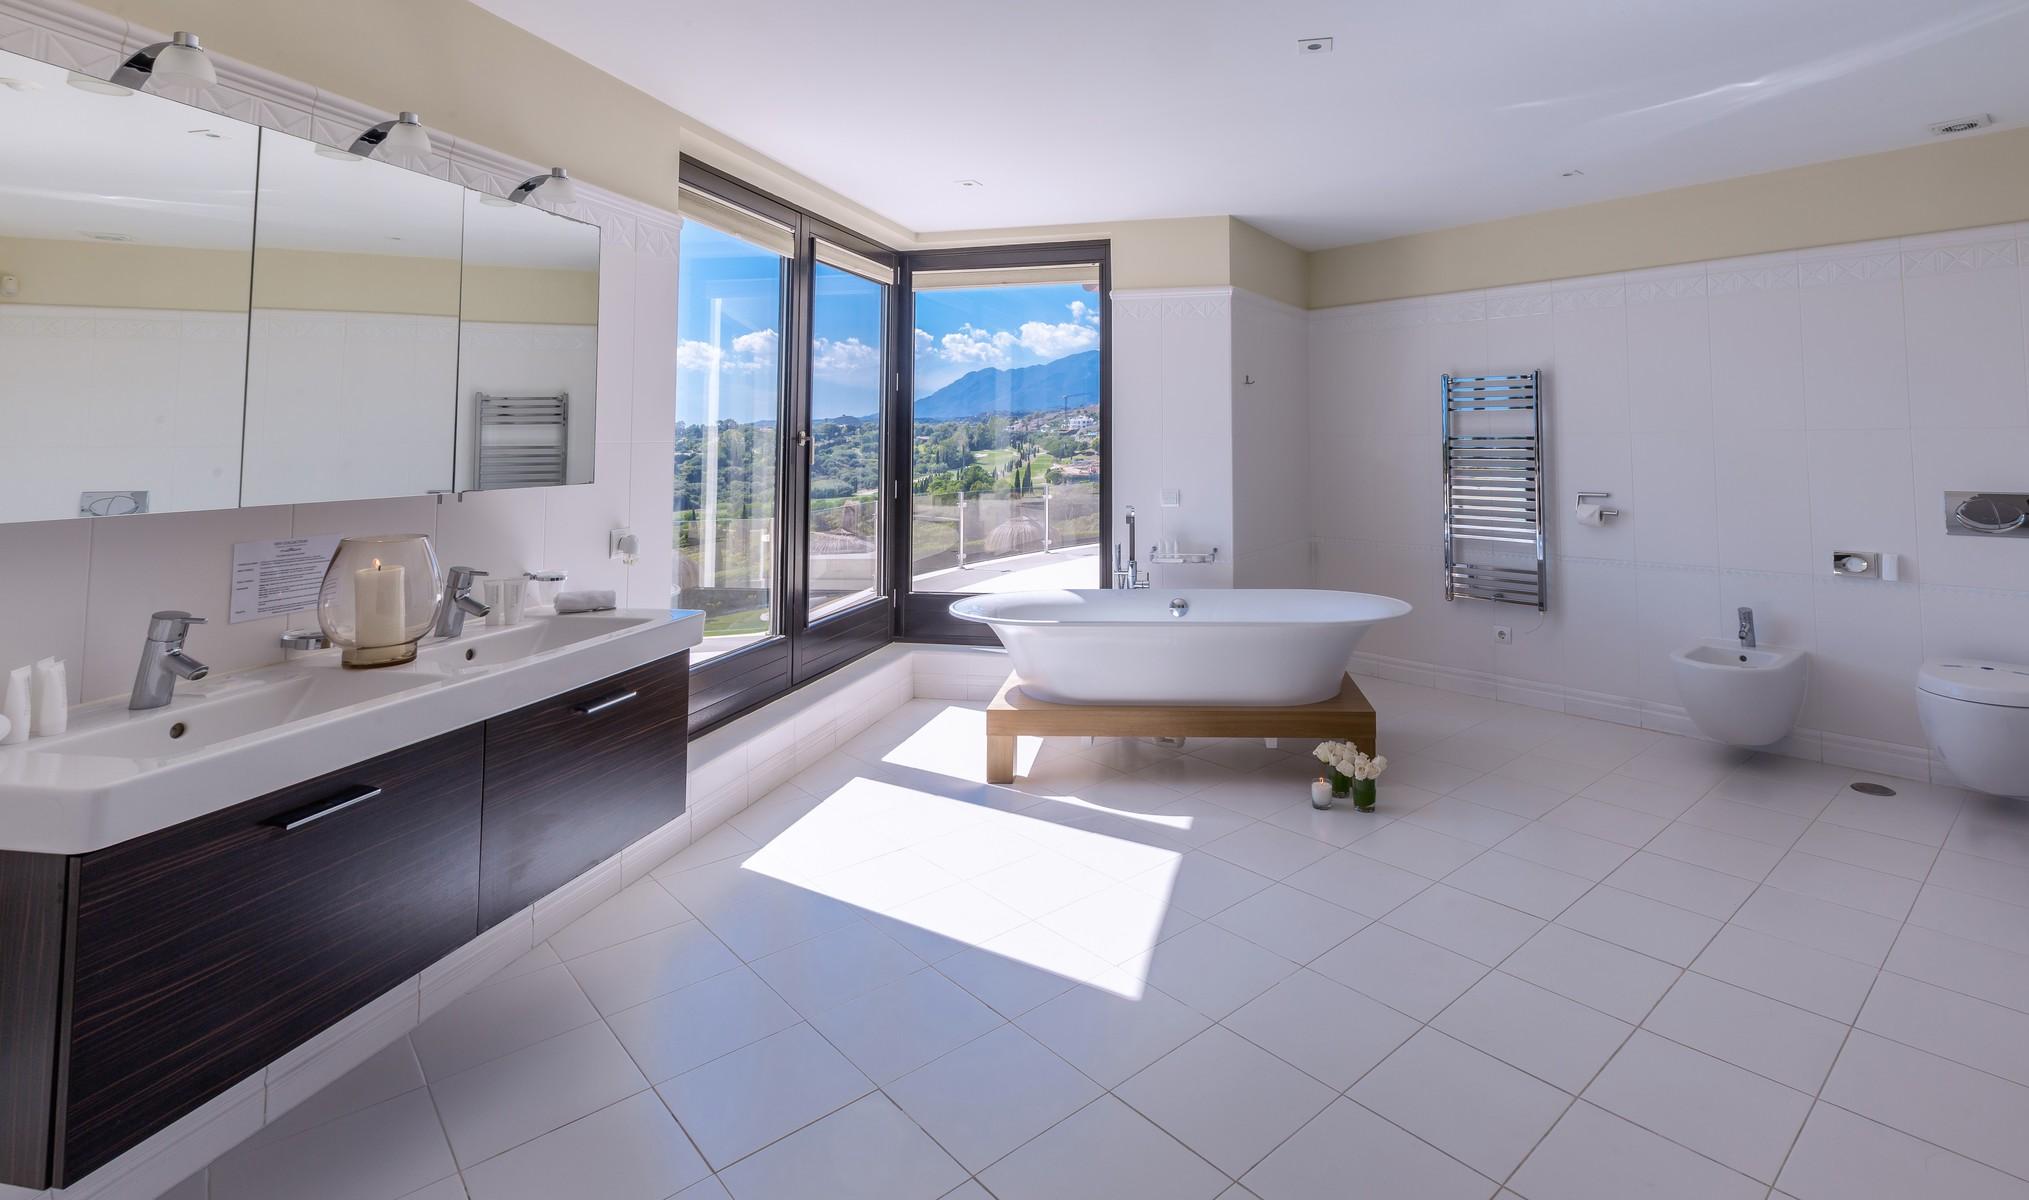 19-villa-el-cano-bathroom